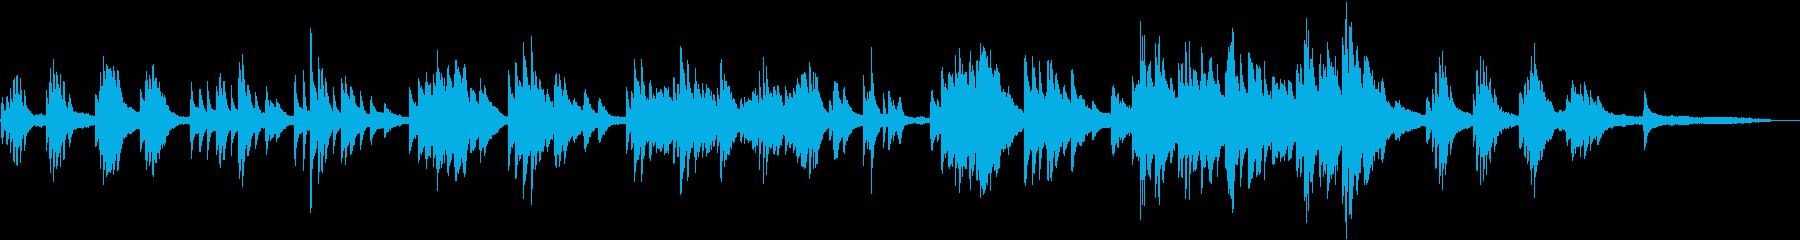 童謡「海」の優しいピアノアレンジの再生済みの波形